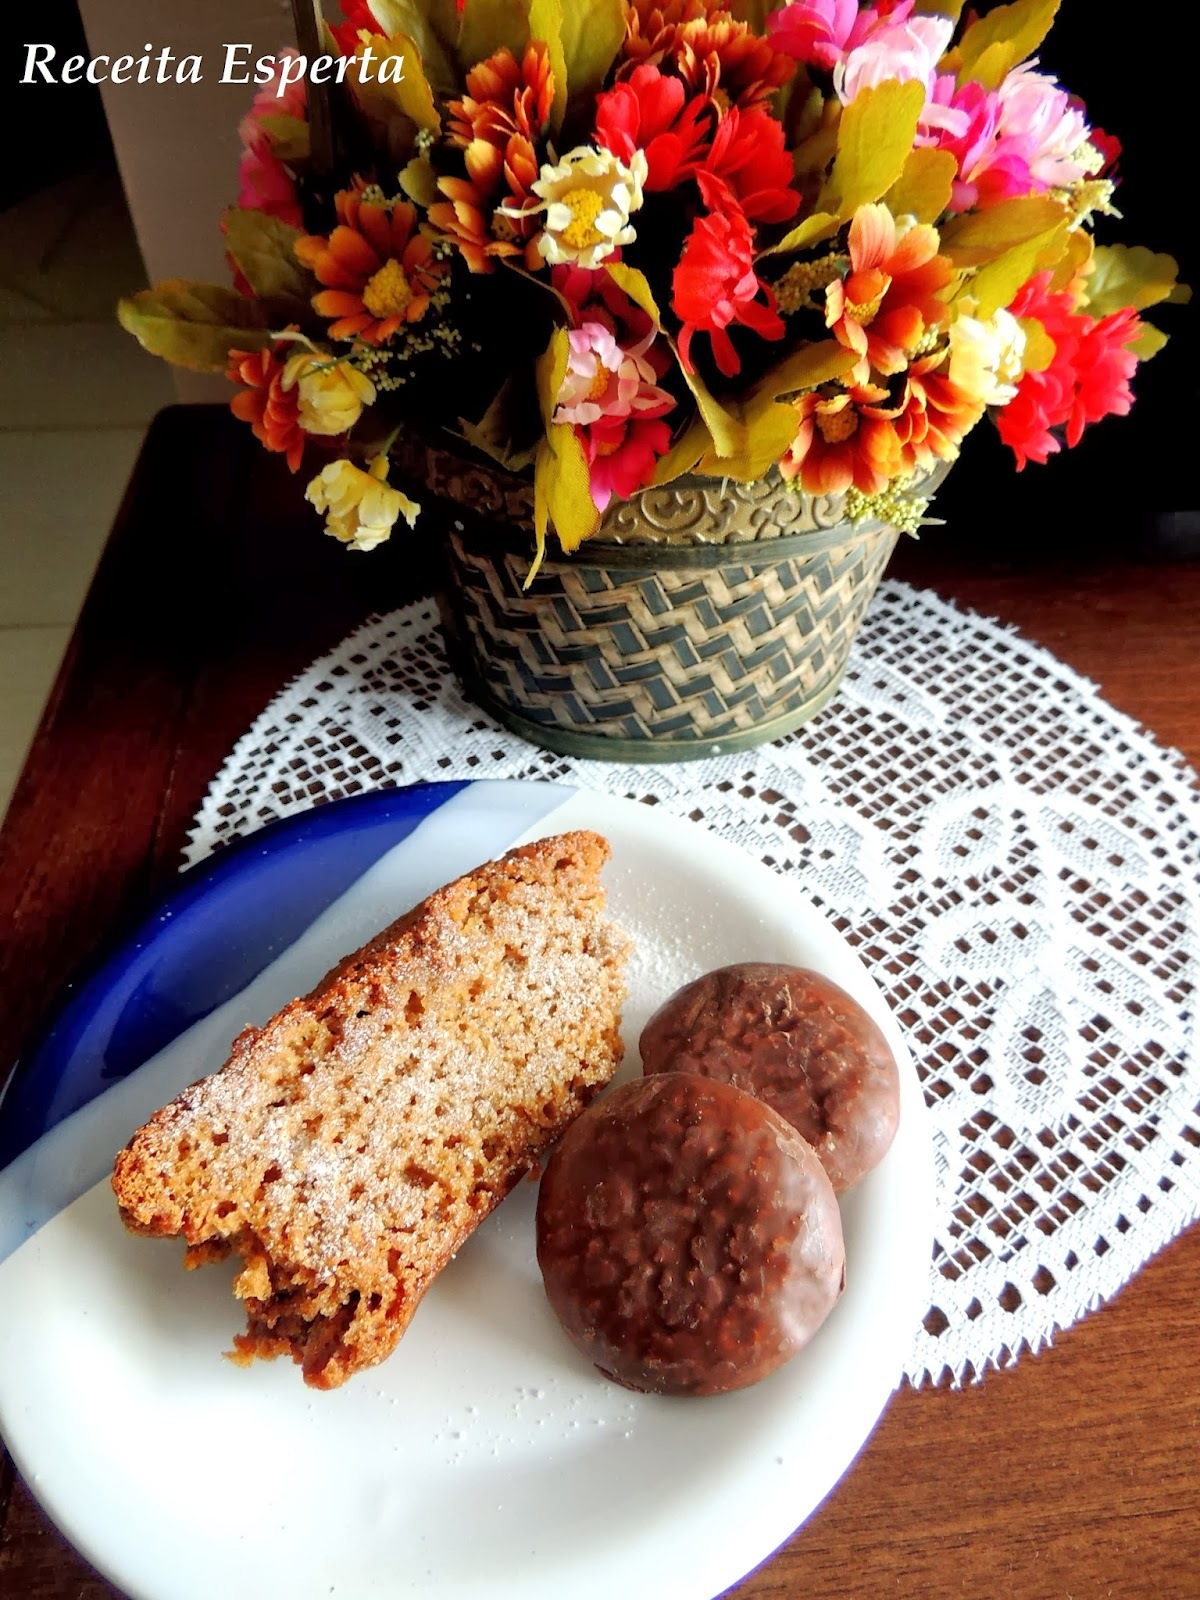 pão de mel feito com bolo de chocolate